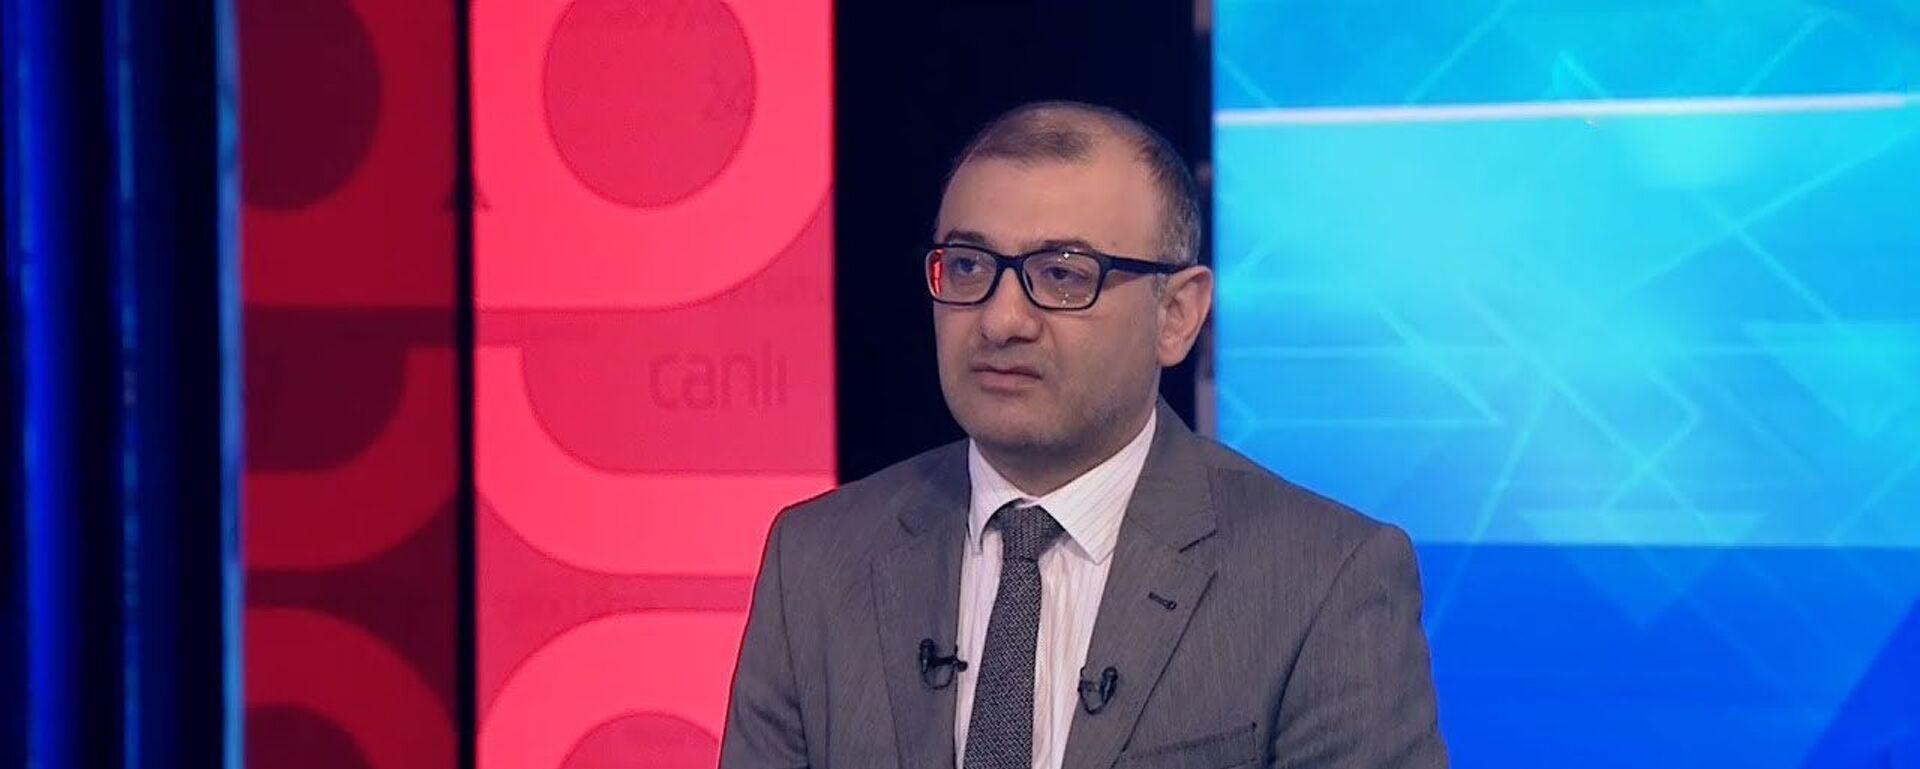 Avtonəqliyyat üzrə ekspert Eldəniz Cəfərov - Sputnik Азербайджан, 1920, 10.08.2021